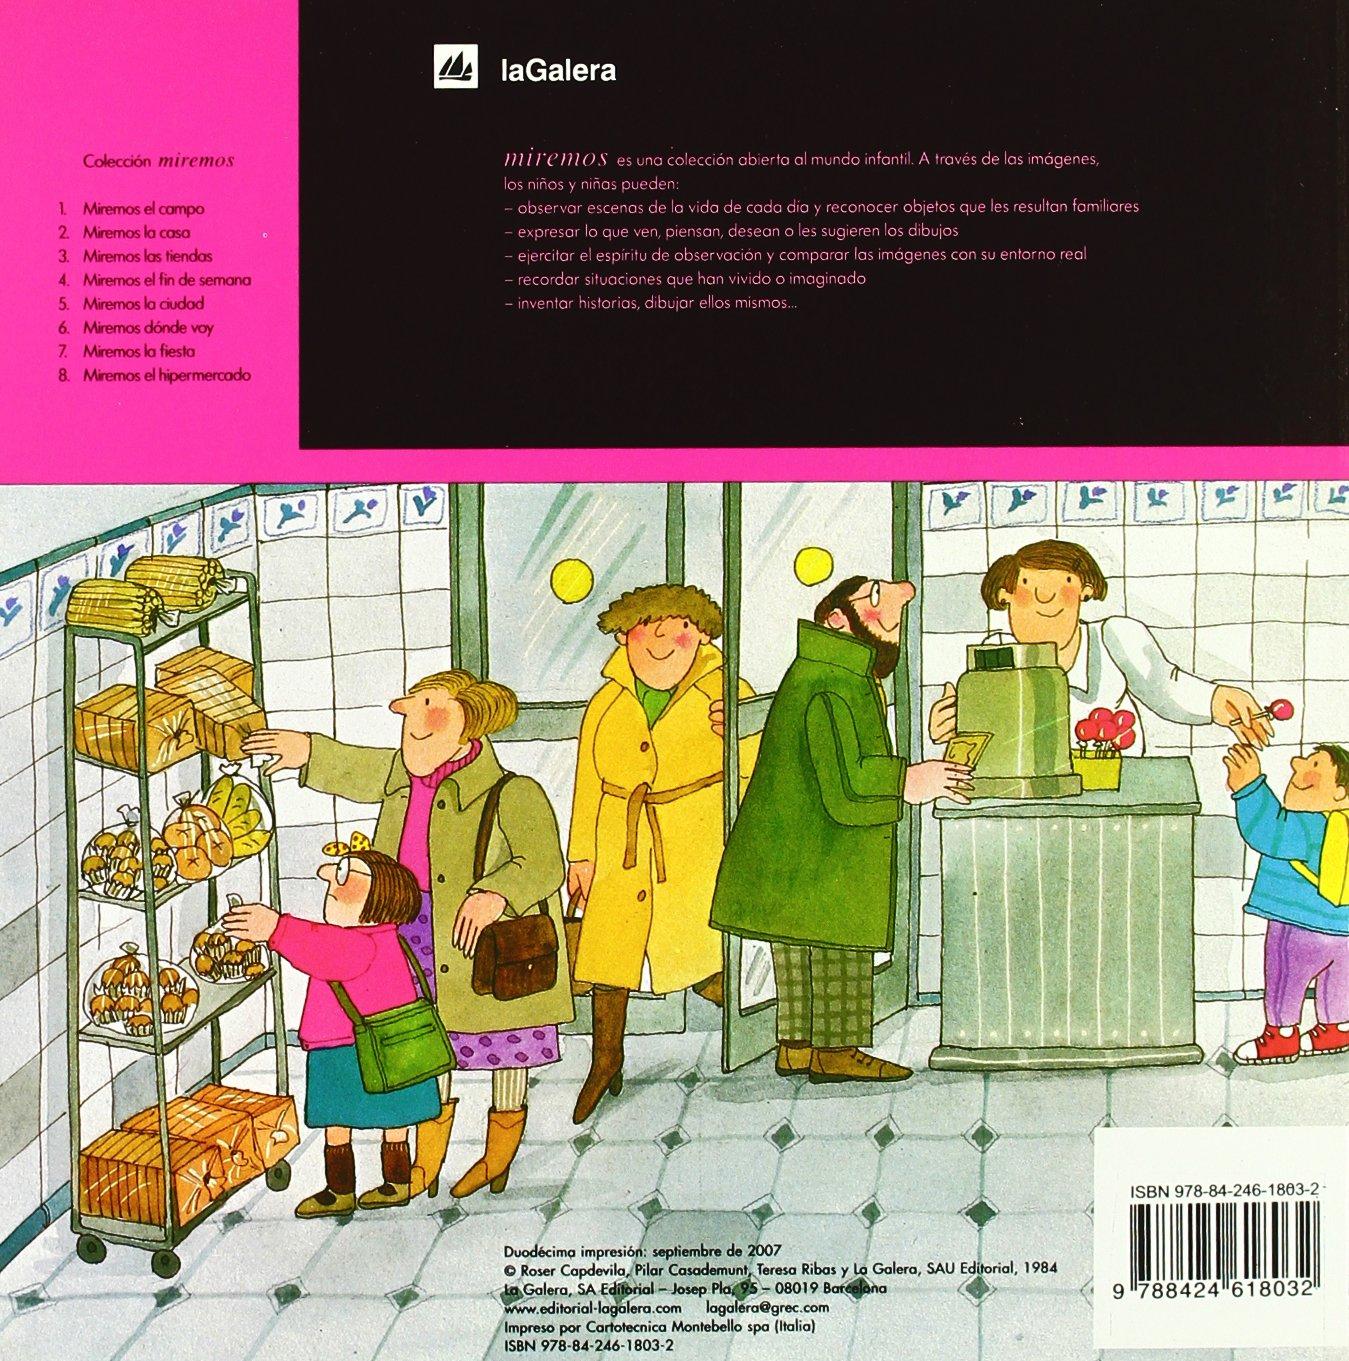 Miremos las tiendas: Amazon.es: Teresa Ribas, Pilar Casademunt, Roser Capdevila: Libros